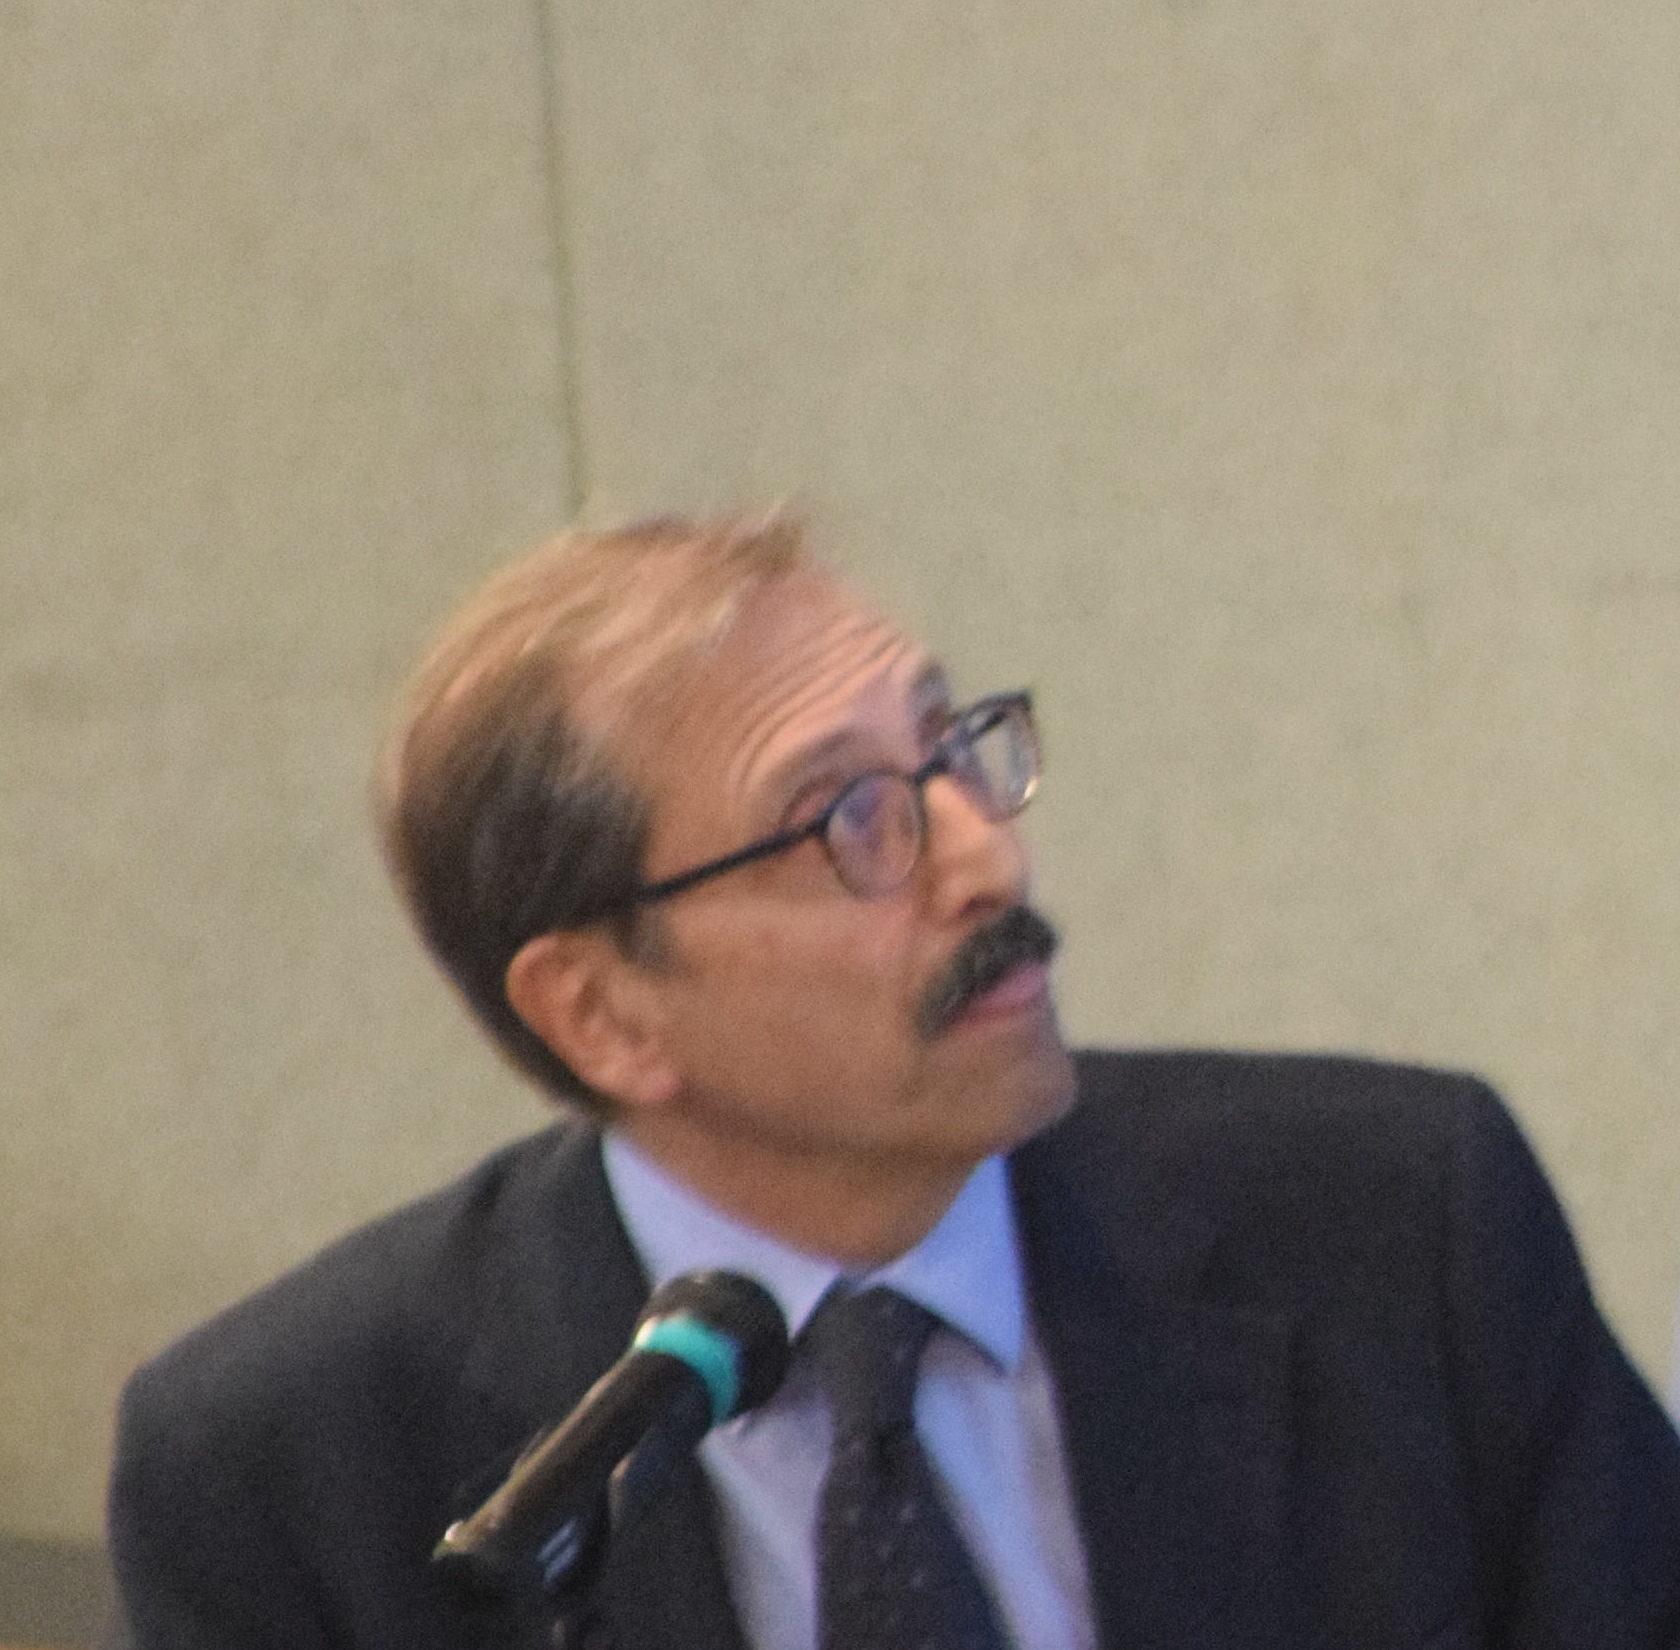 Antonio Vita